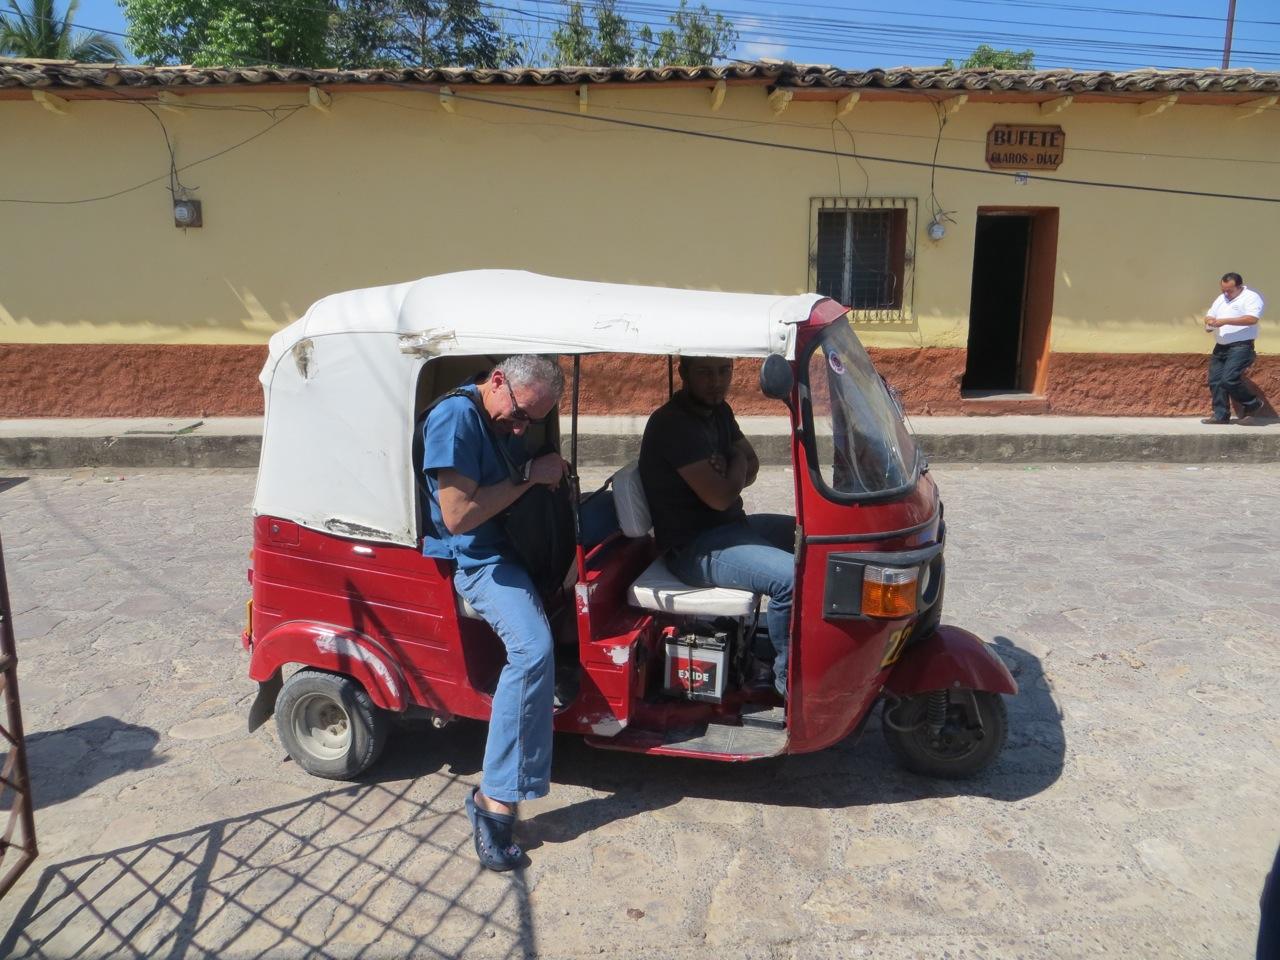 A Honduran taxi